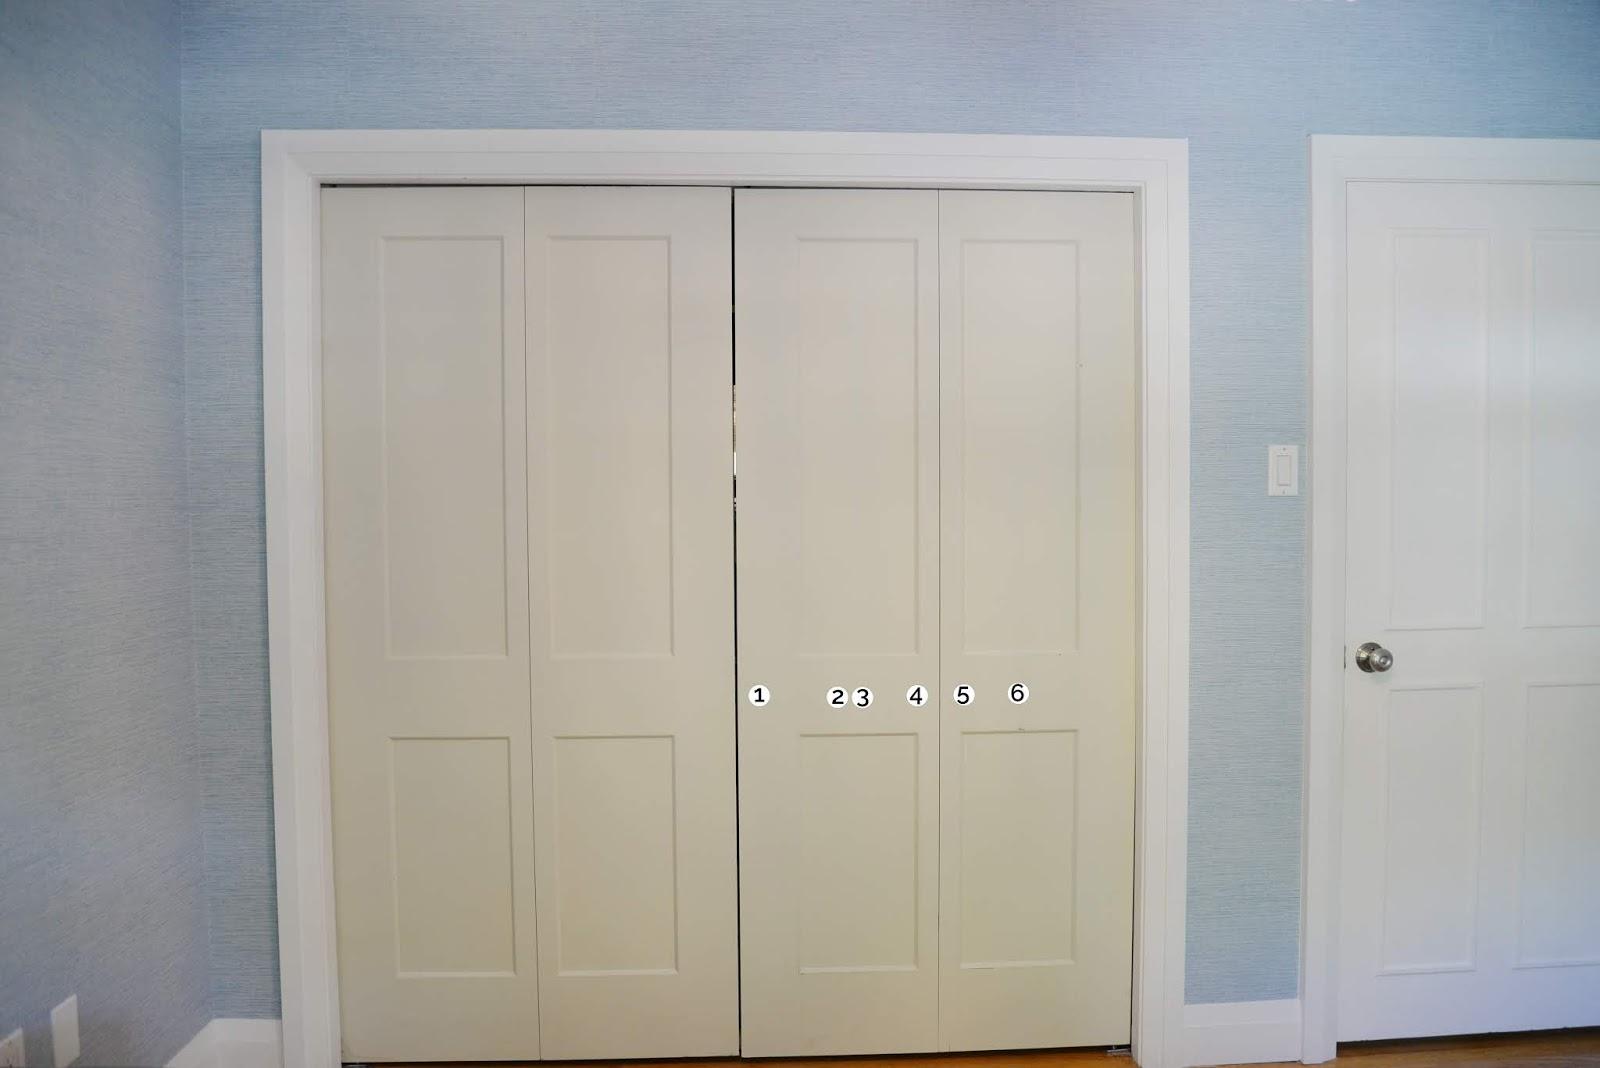 where to put knobs on bifold door, bifold door knob, bifold door knob placement